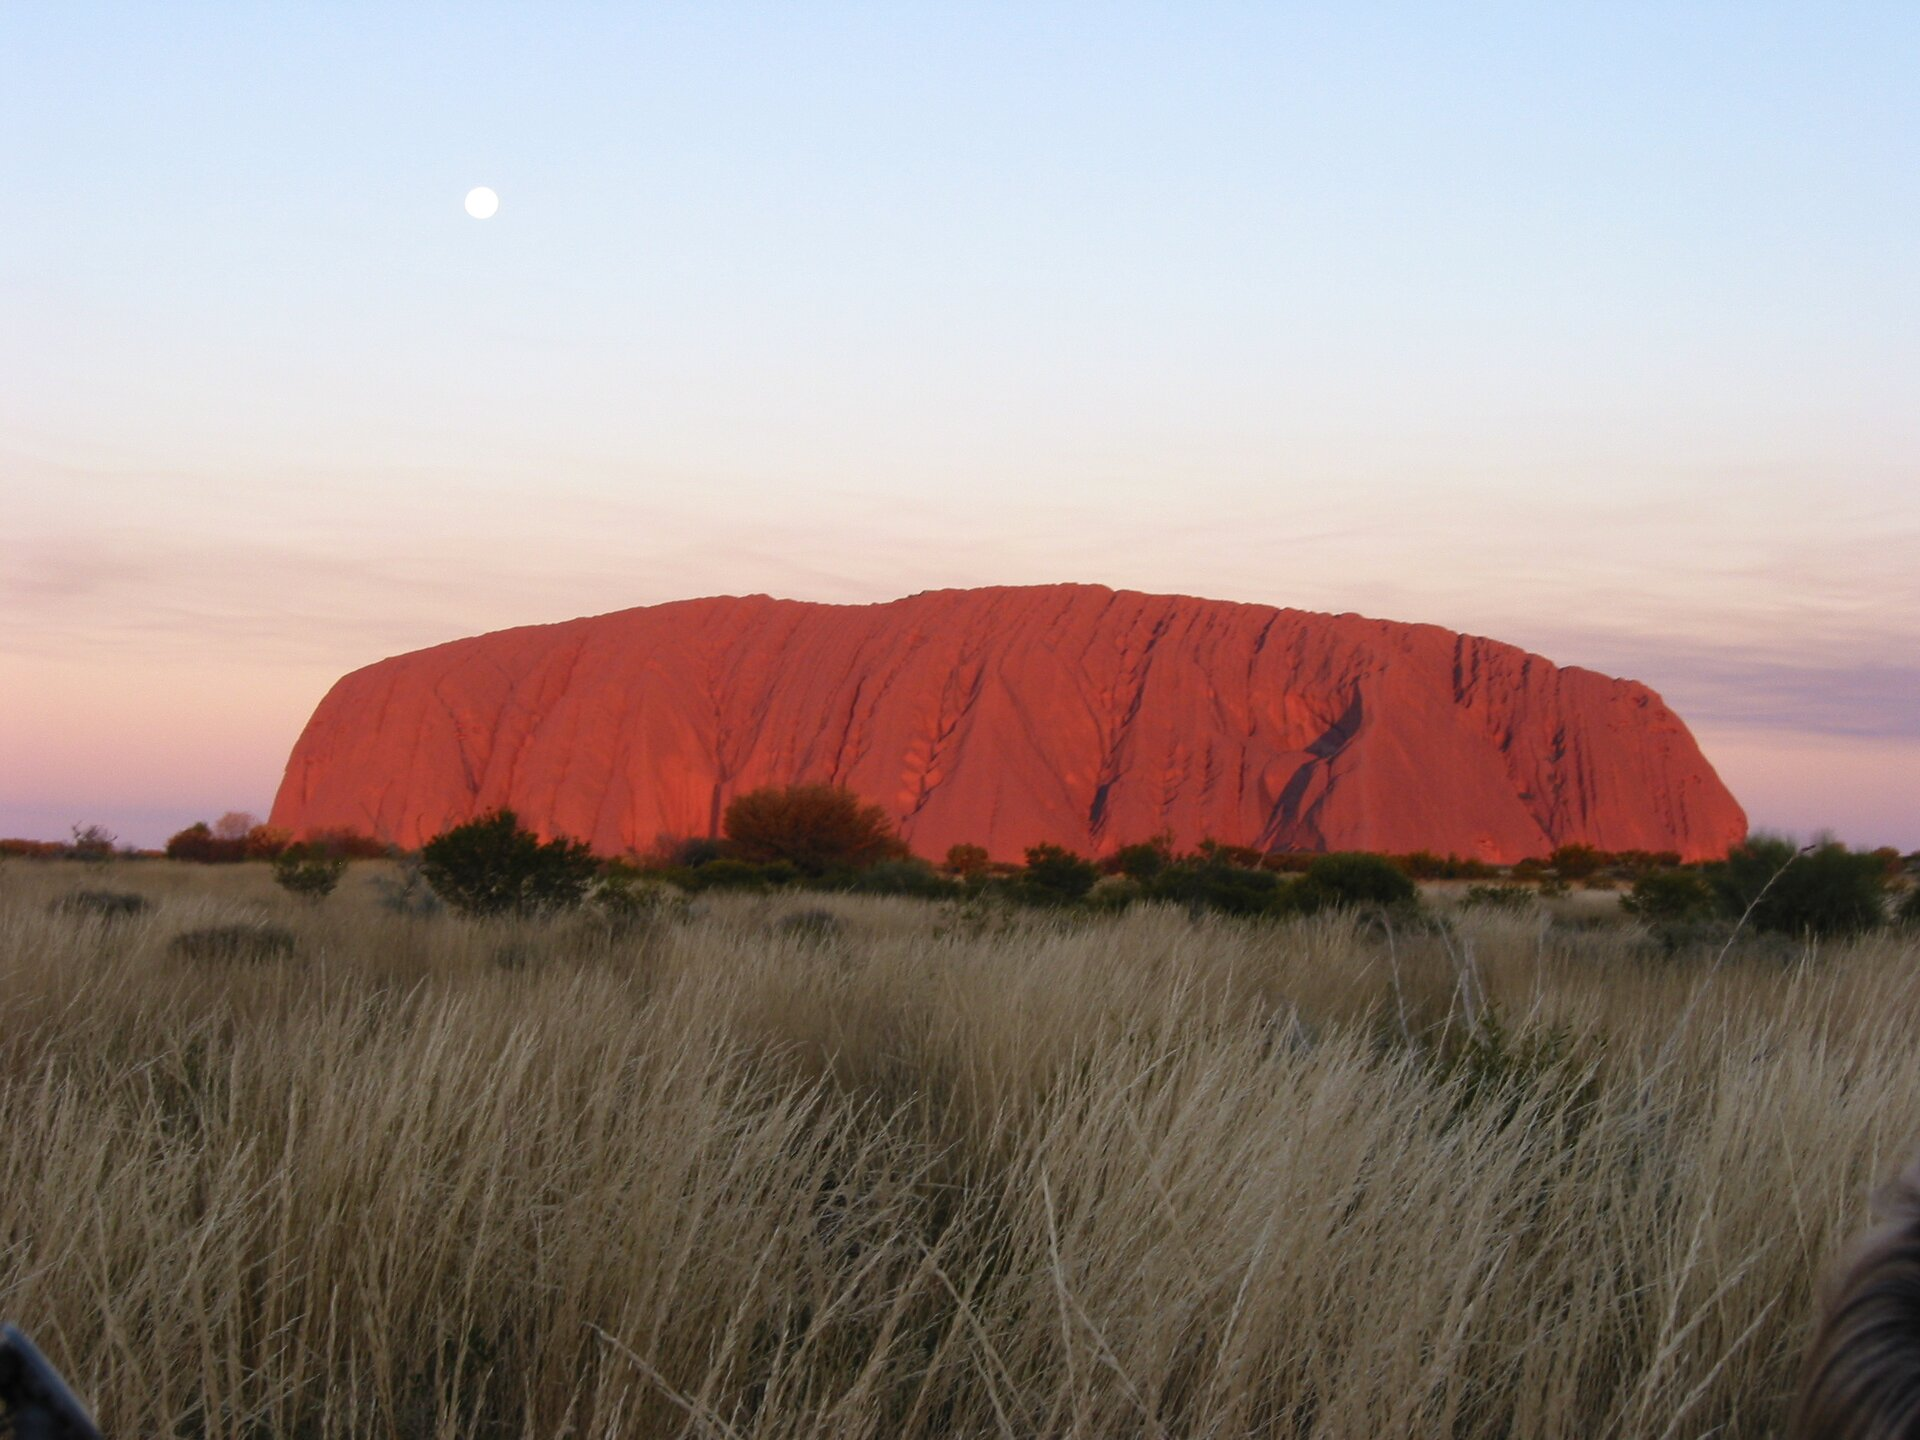 Na zdjęciu duża czerwona skała, opłaskim grzebiecie. Wdole roślinność trawiasta, pojedyncze drzewa.